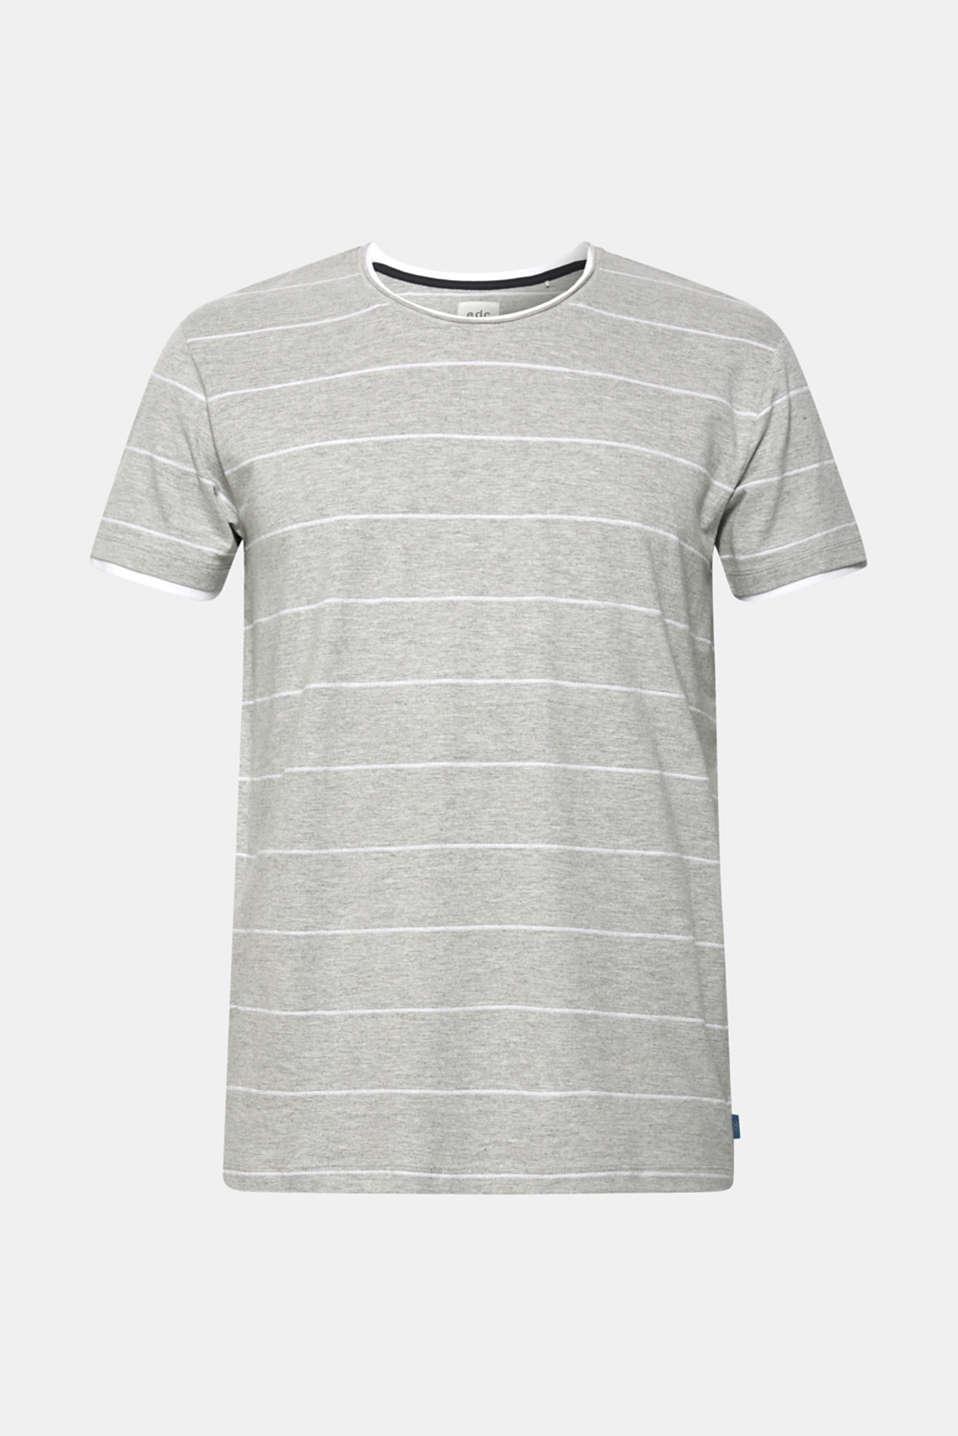 T-Shirts, MEDIUM GREY, detail image number 6